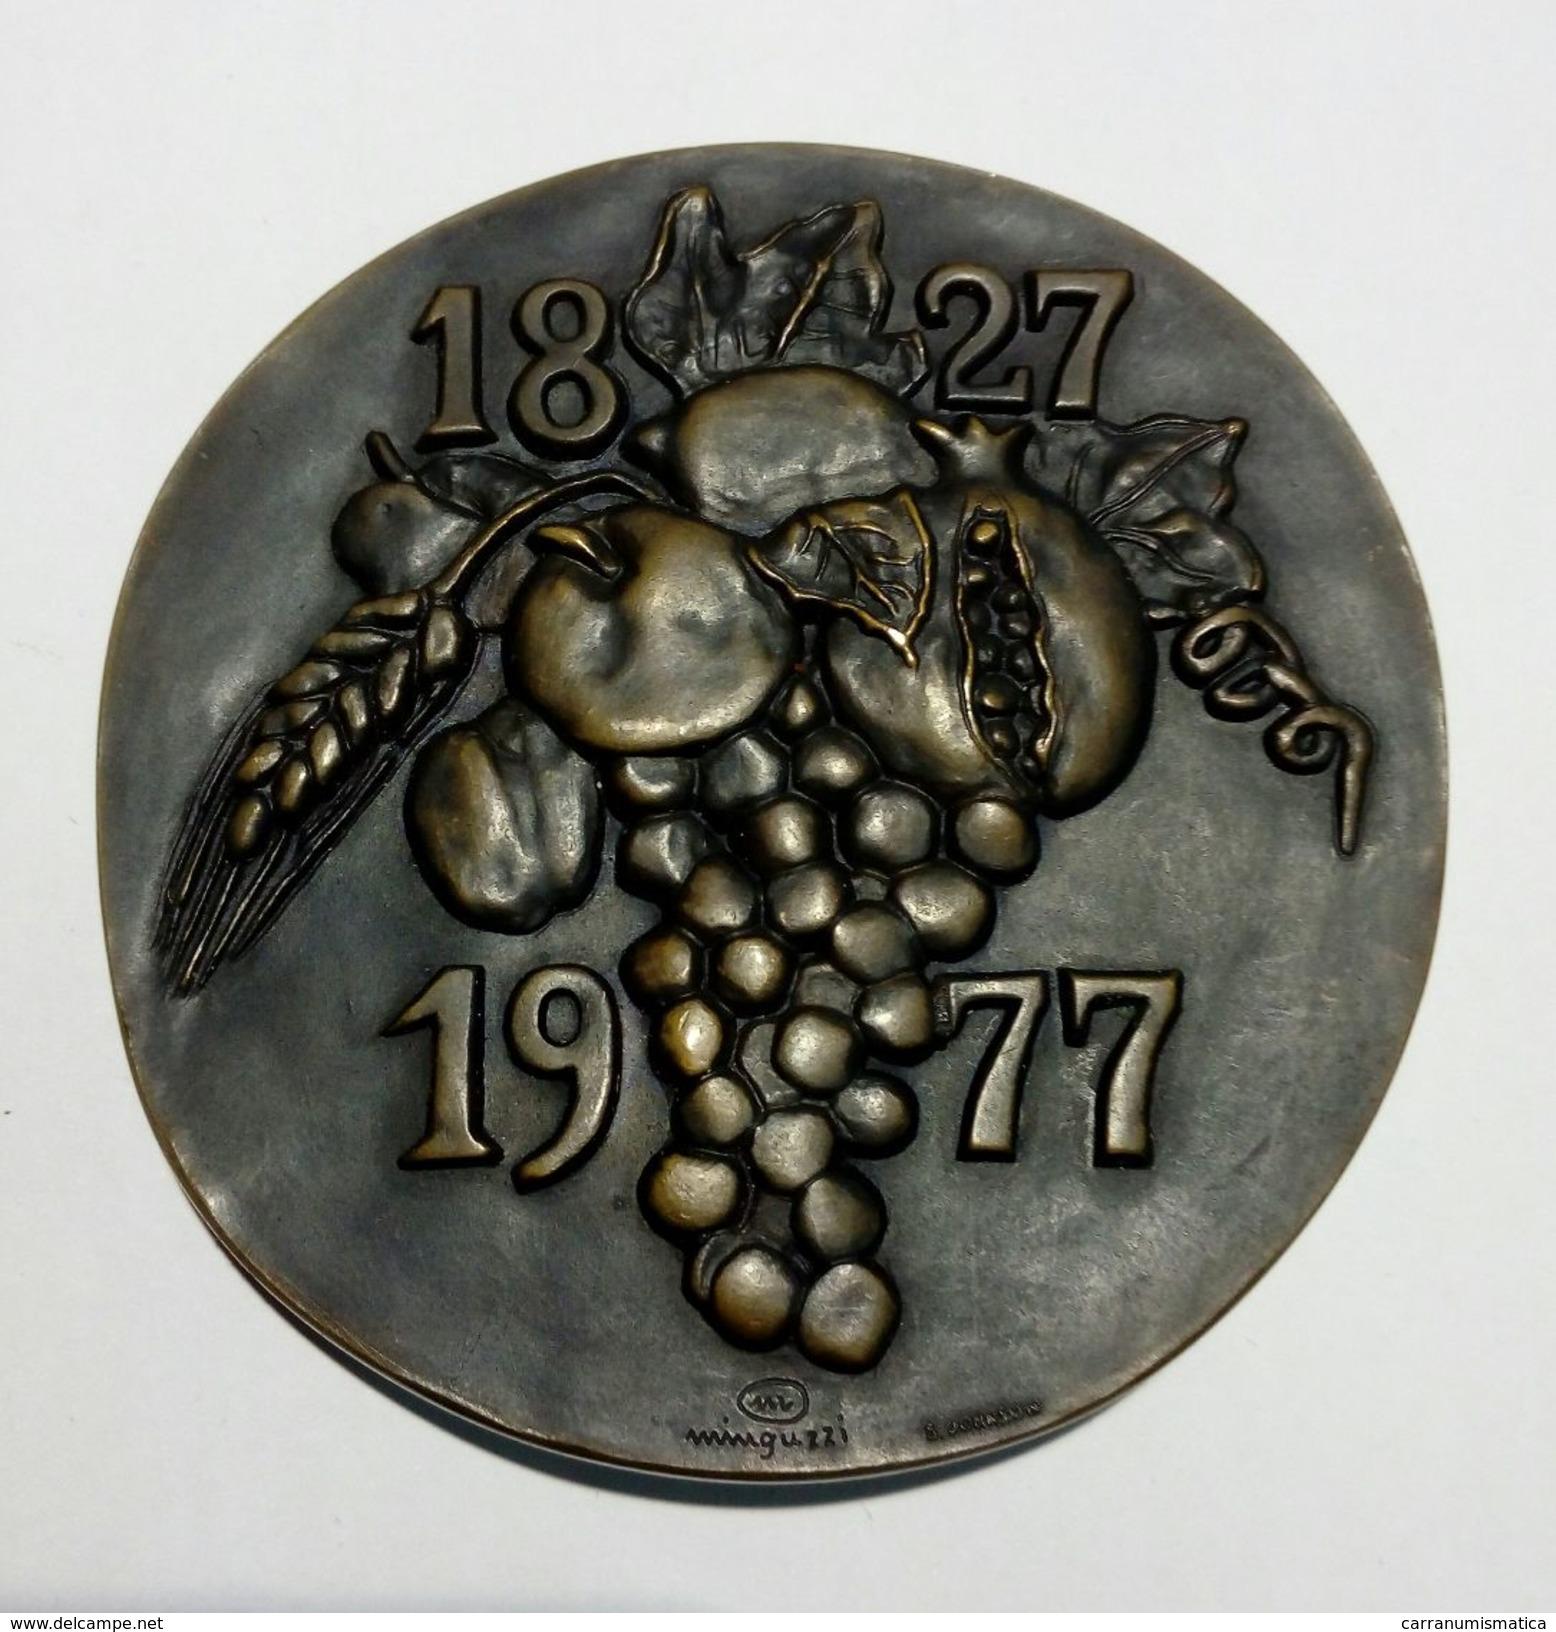 MEDAGLIA - 150° Anniversario Della CASSA Di RISPARMIO Di TORINO (1827 - 1977) Opus: Minguzzi - Bronzo - 77 Mm - Professionali/Di Società